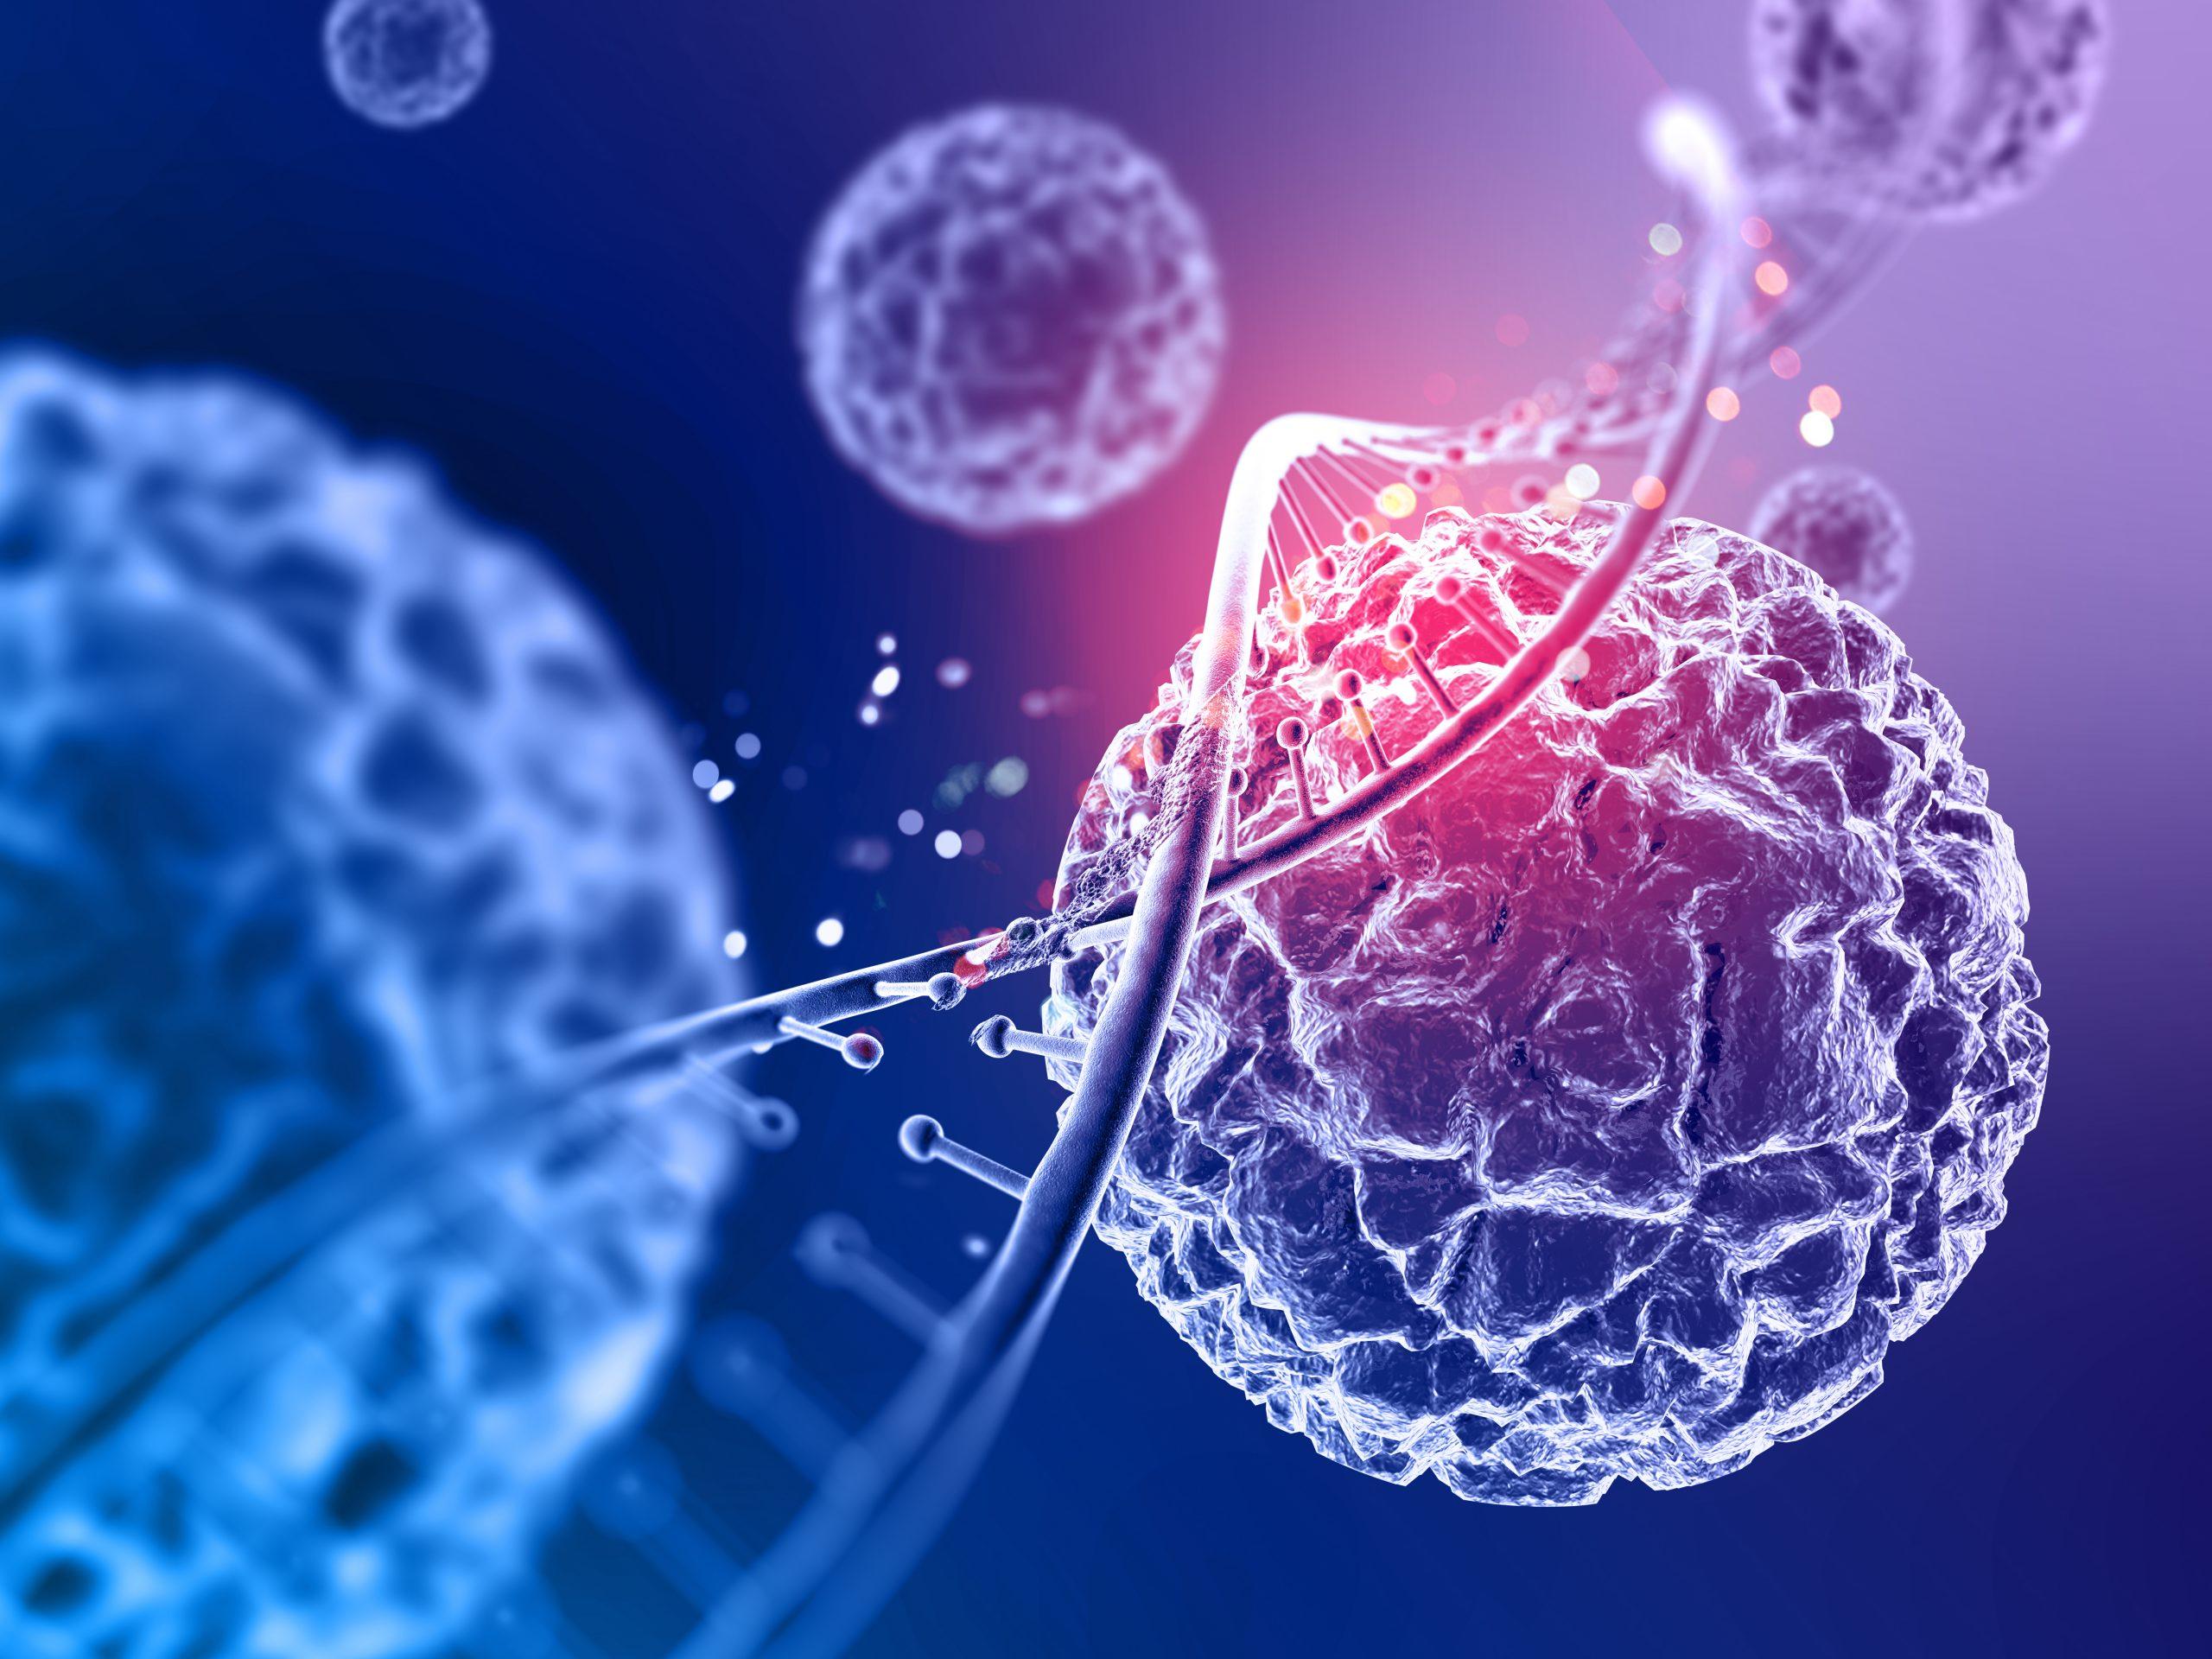 Medicina diagnóstica na prevenção de novas pandemias